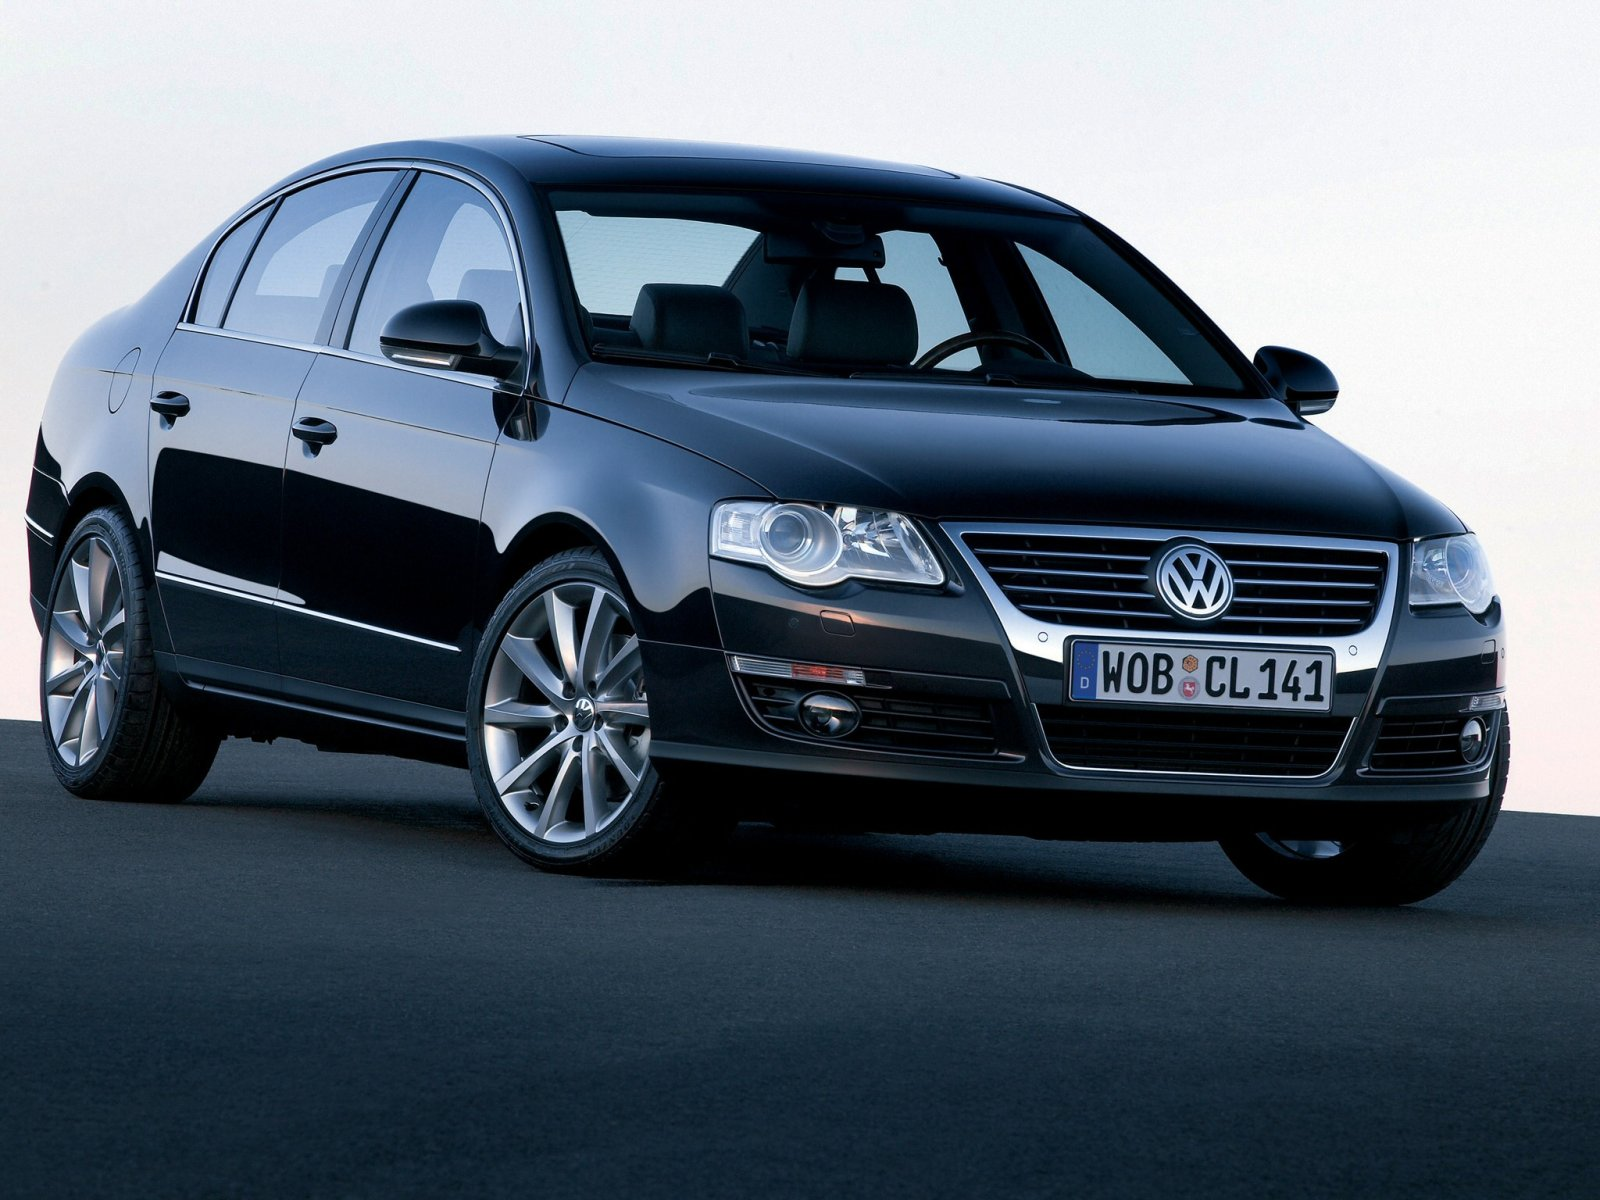 Обои, Volkswagen Passat 1.4 TSI, VolksWagen Passat, 1400x1050